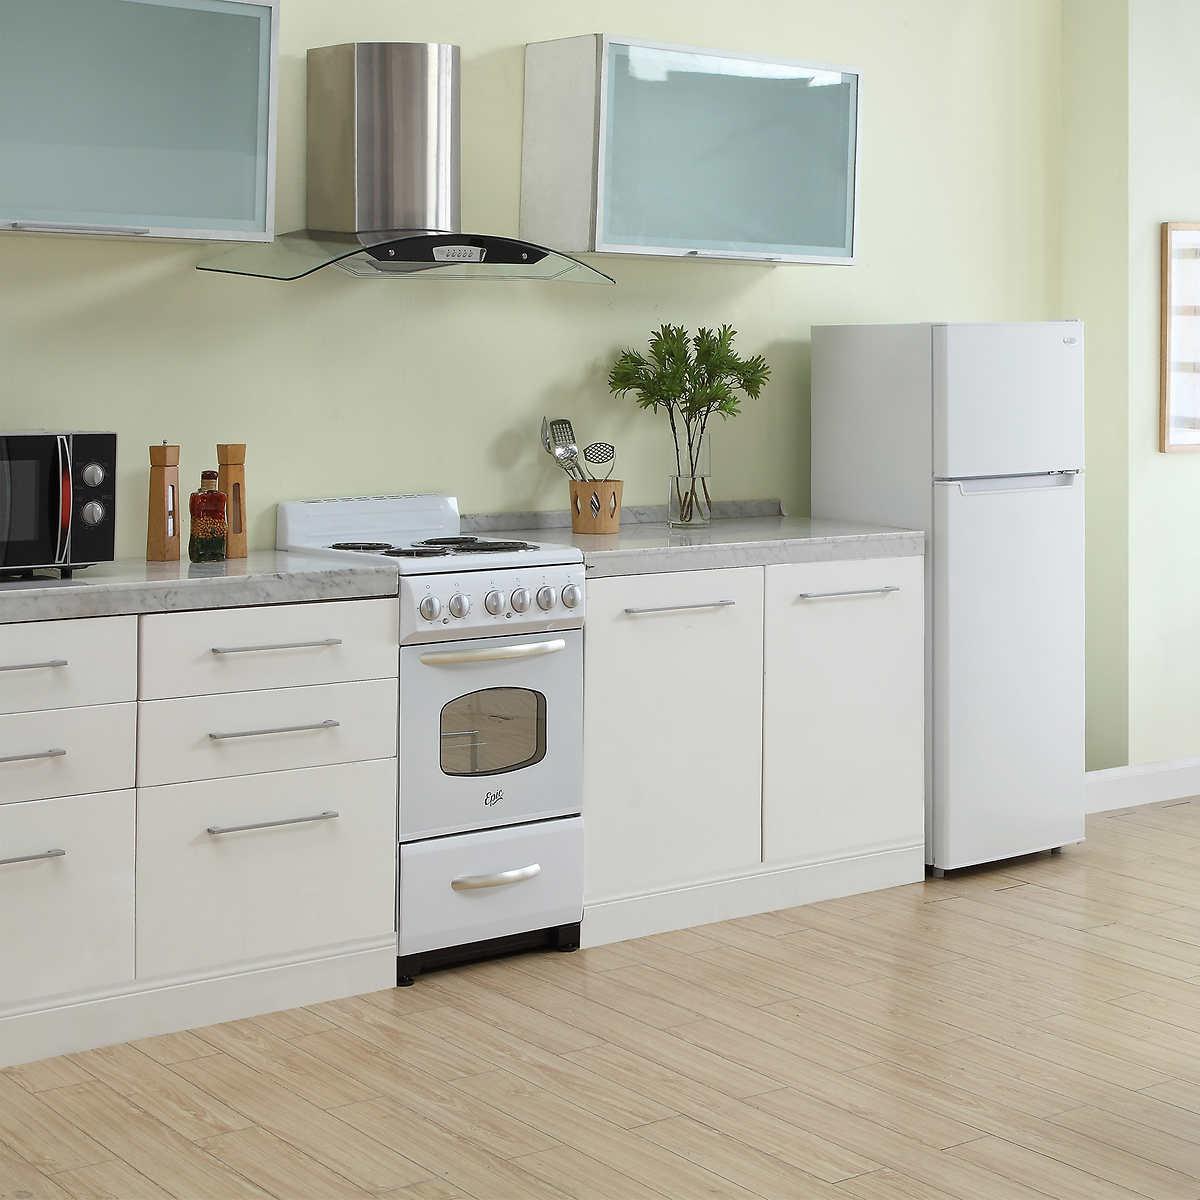 kitchen suites costco white appliance kitchen ktvk